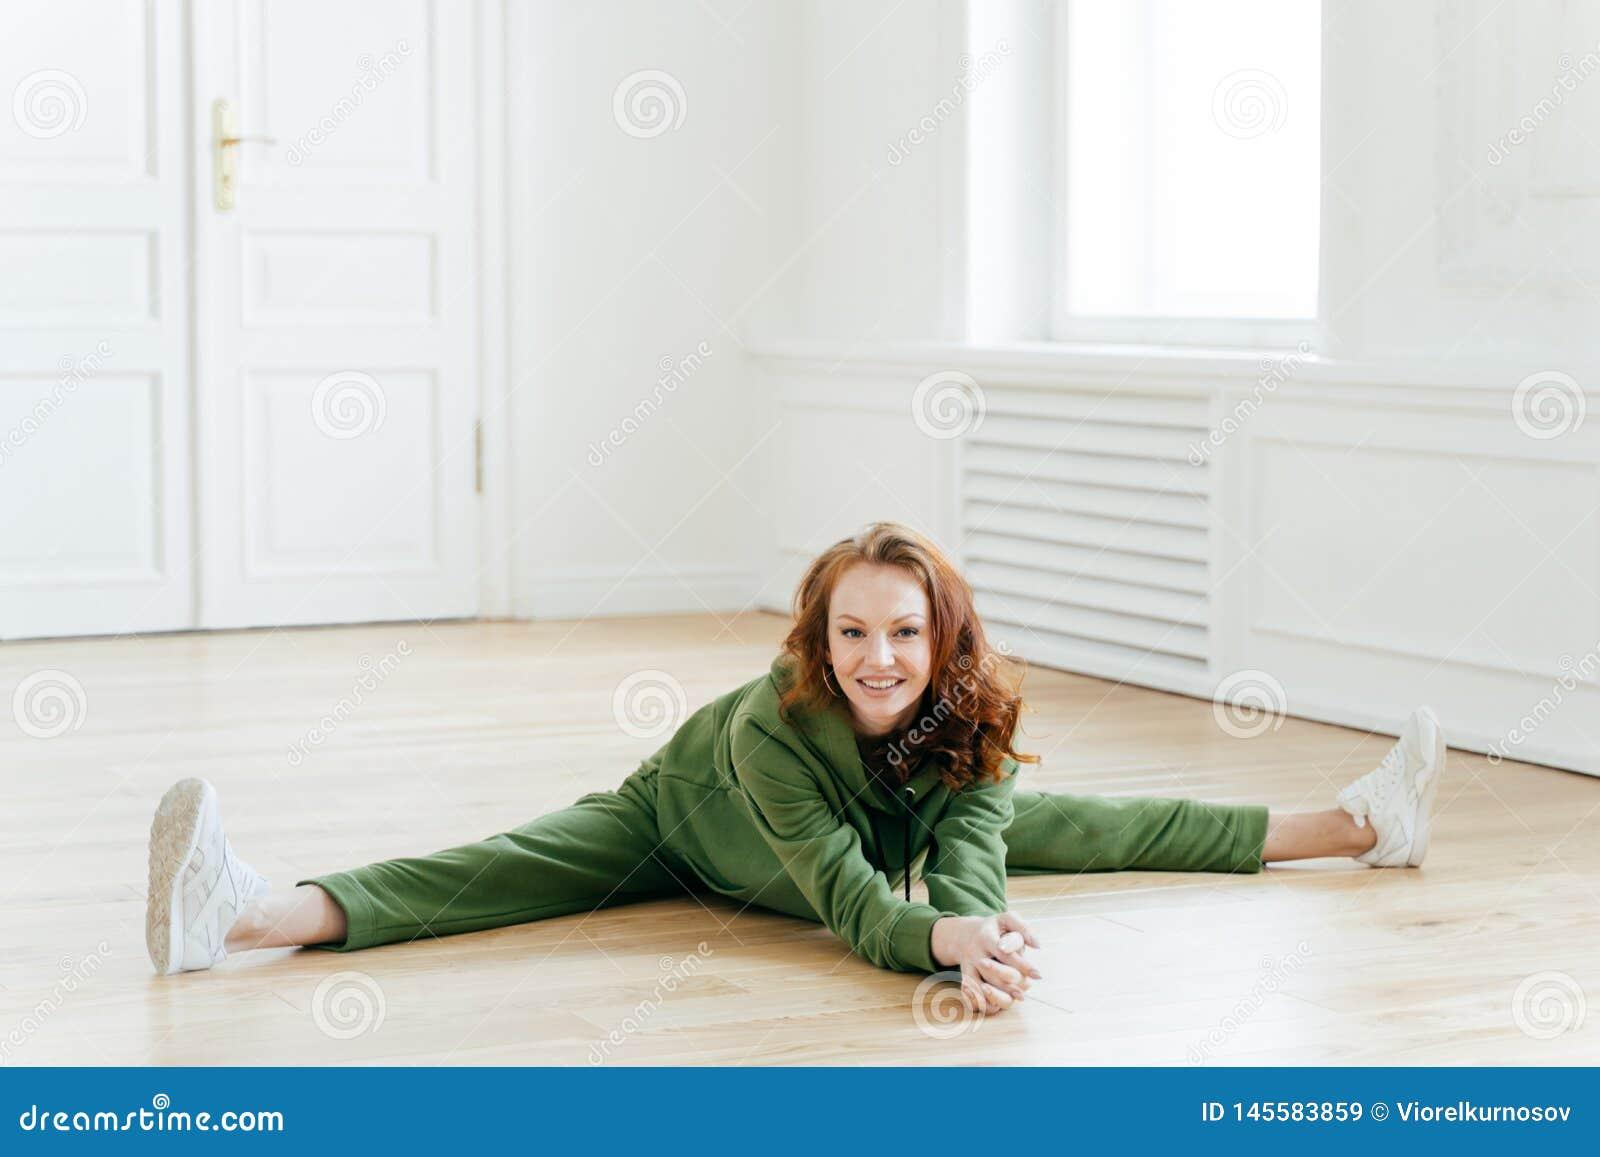 Weiblicher Turner in der Sportkleidung, tut Beinspalte, sitzt auf Boden, Haltungen im Yogaraum, hat Trainingsübungen, ausdehnt Be